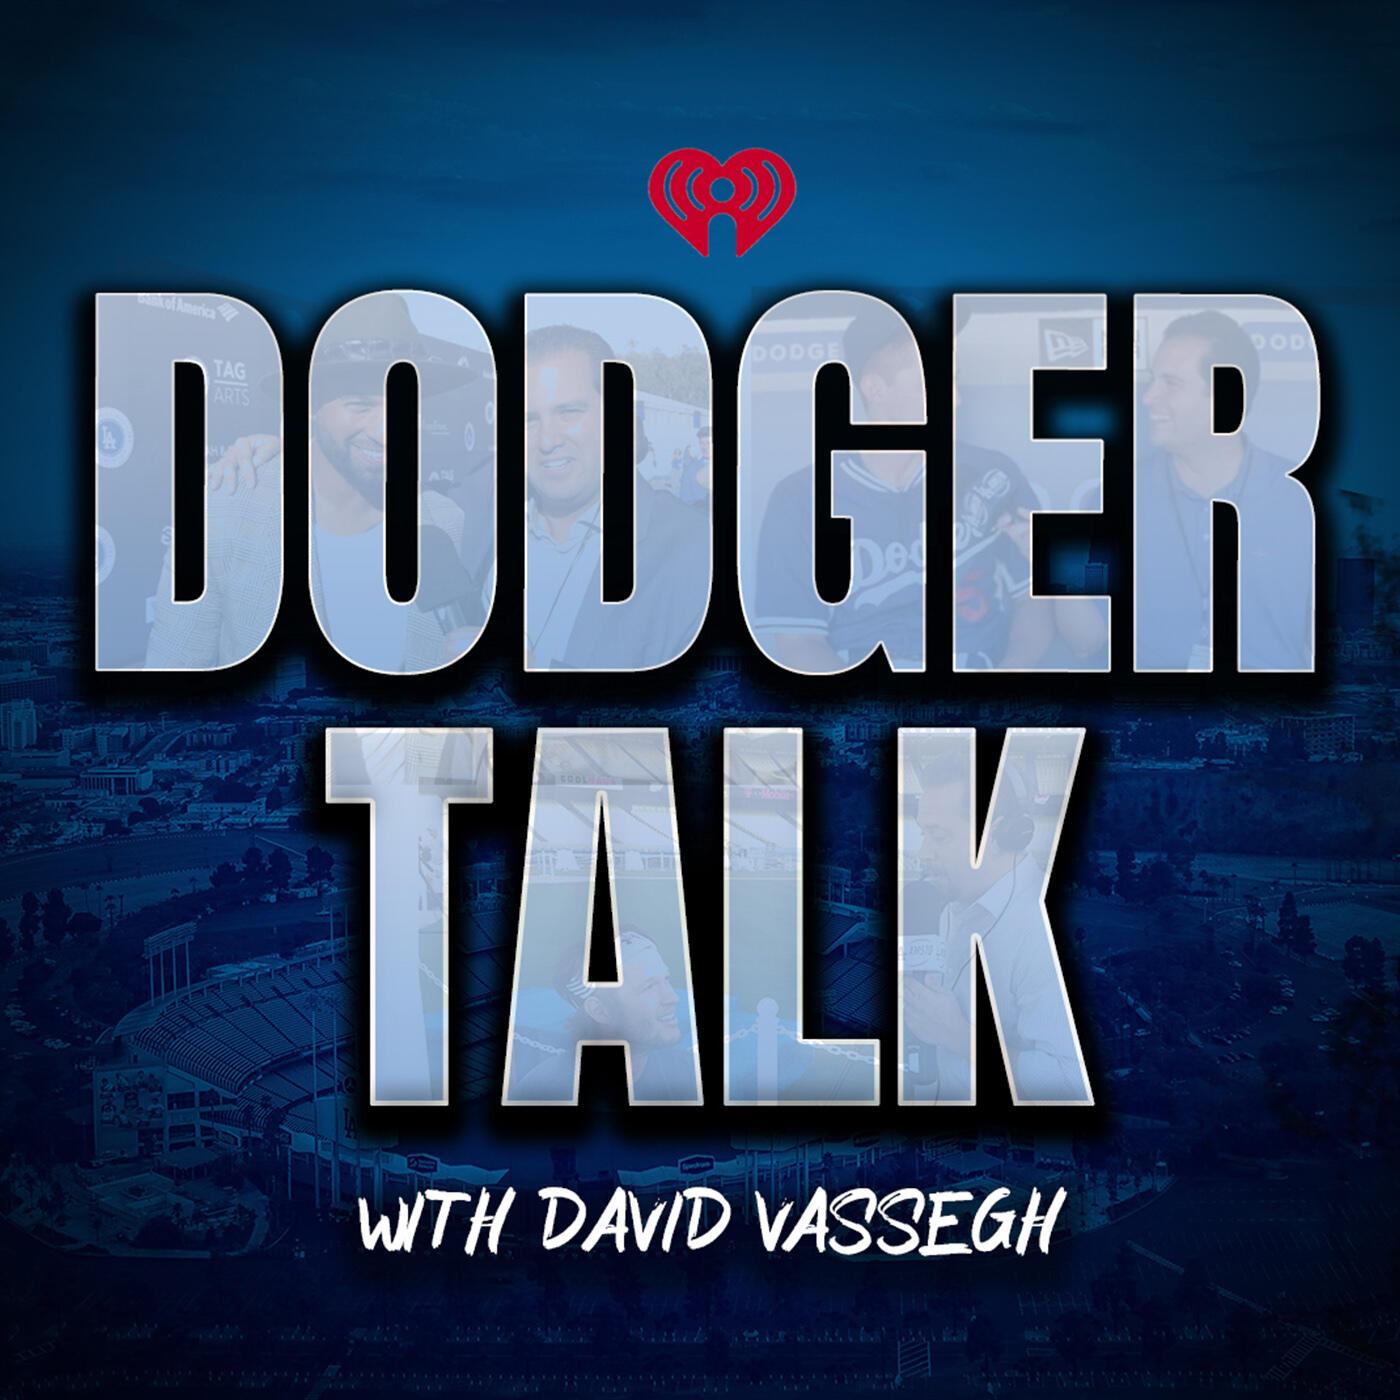 Listen to the Dodger Talk Episode - 9/18 Joe Torre on iHeartRadio   iHeartRadio